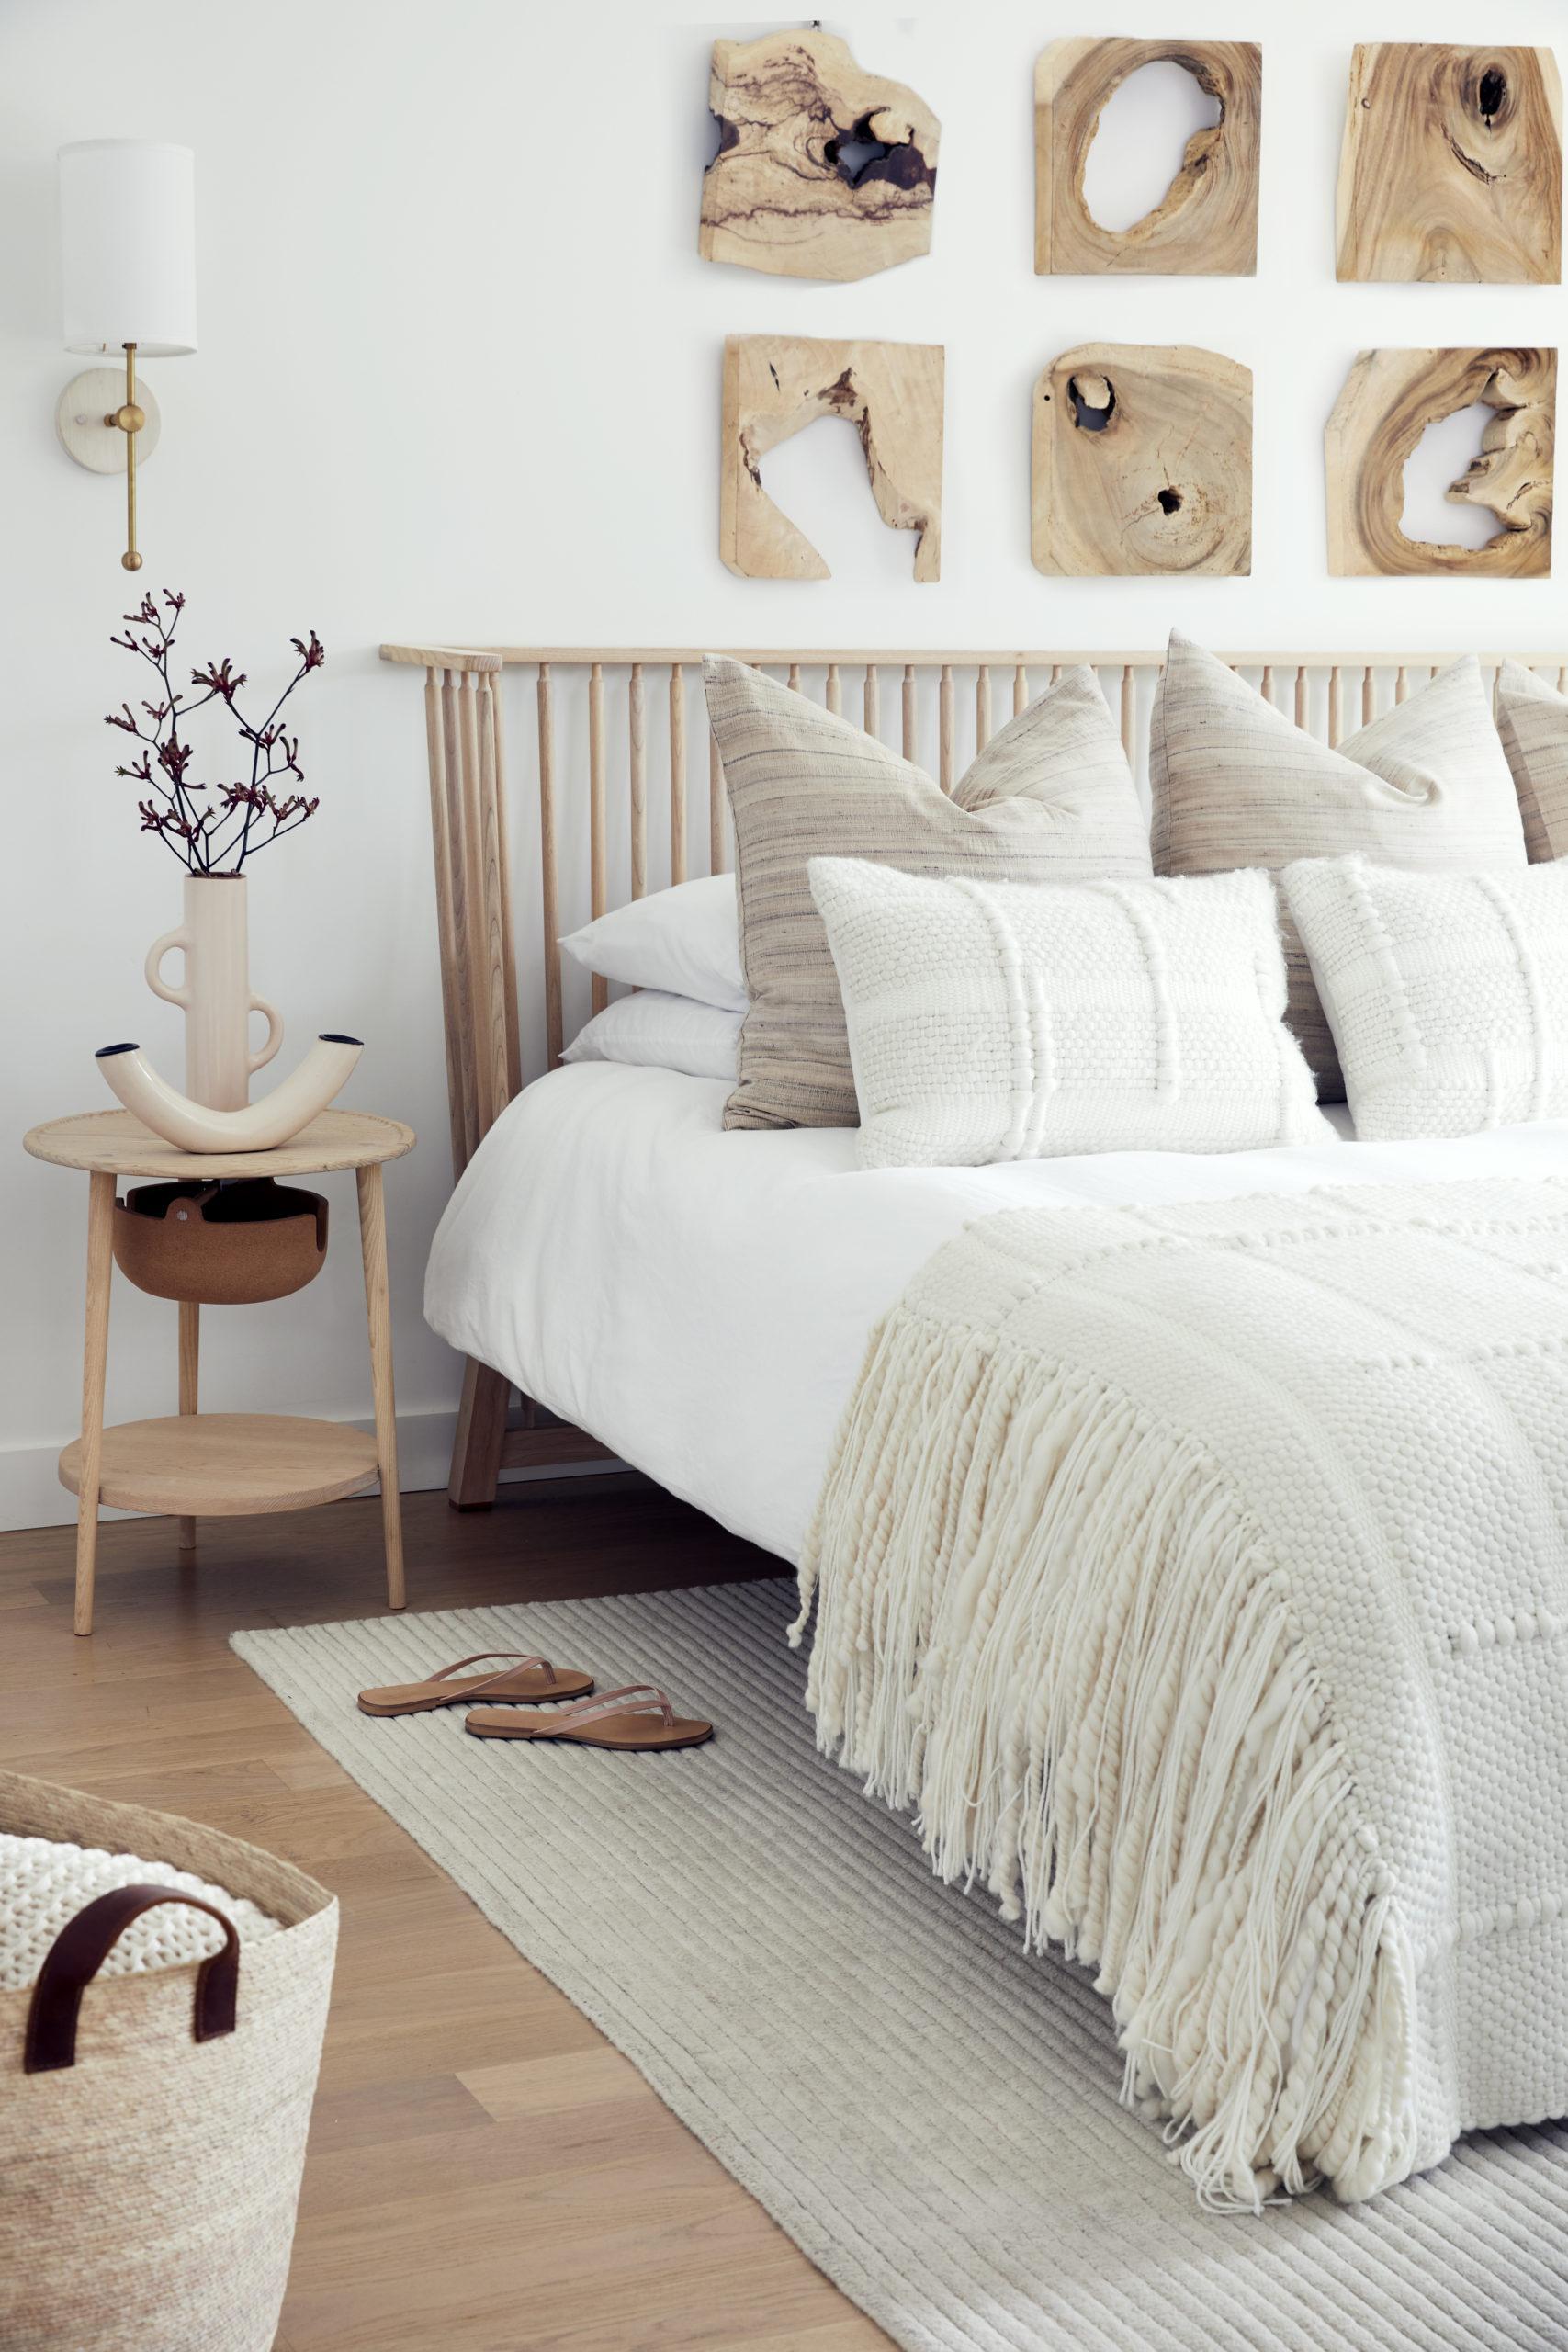 5 dicas para projetar seu quarto para um sono tranquilo